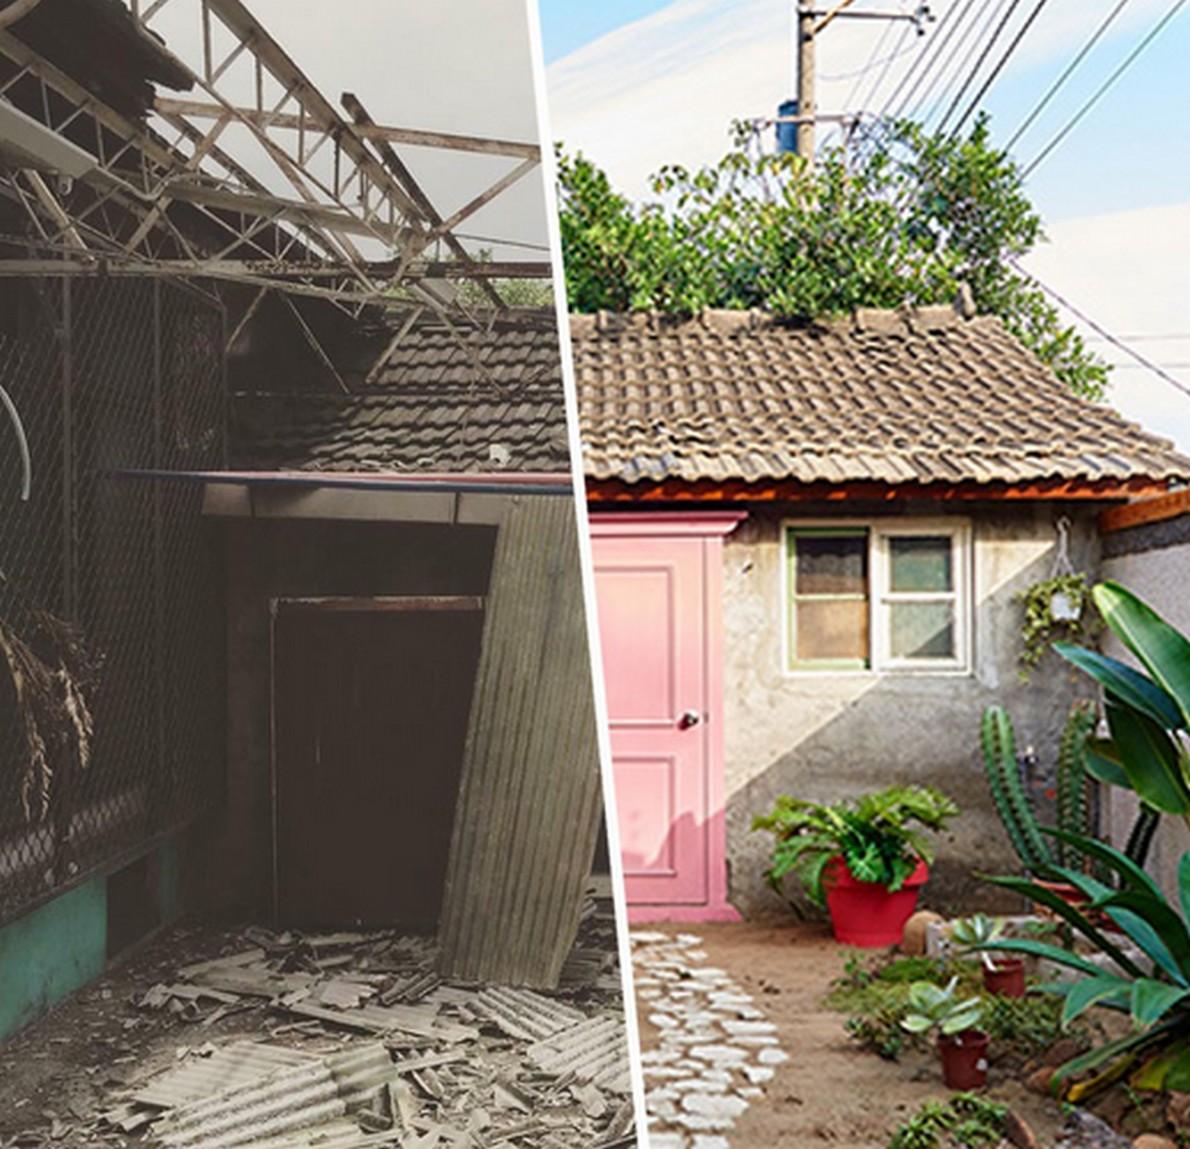 Da base militare della seconda guerra mondiale a casa for Materiali da costruzione della casa